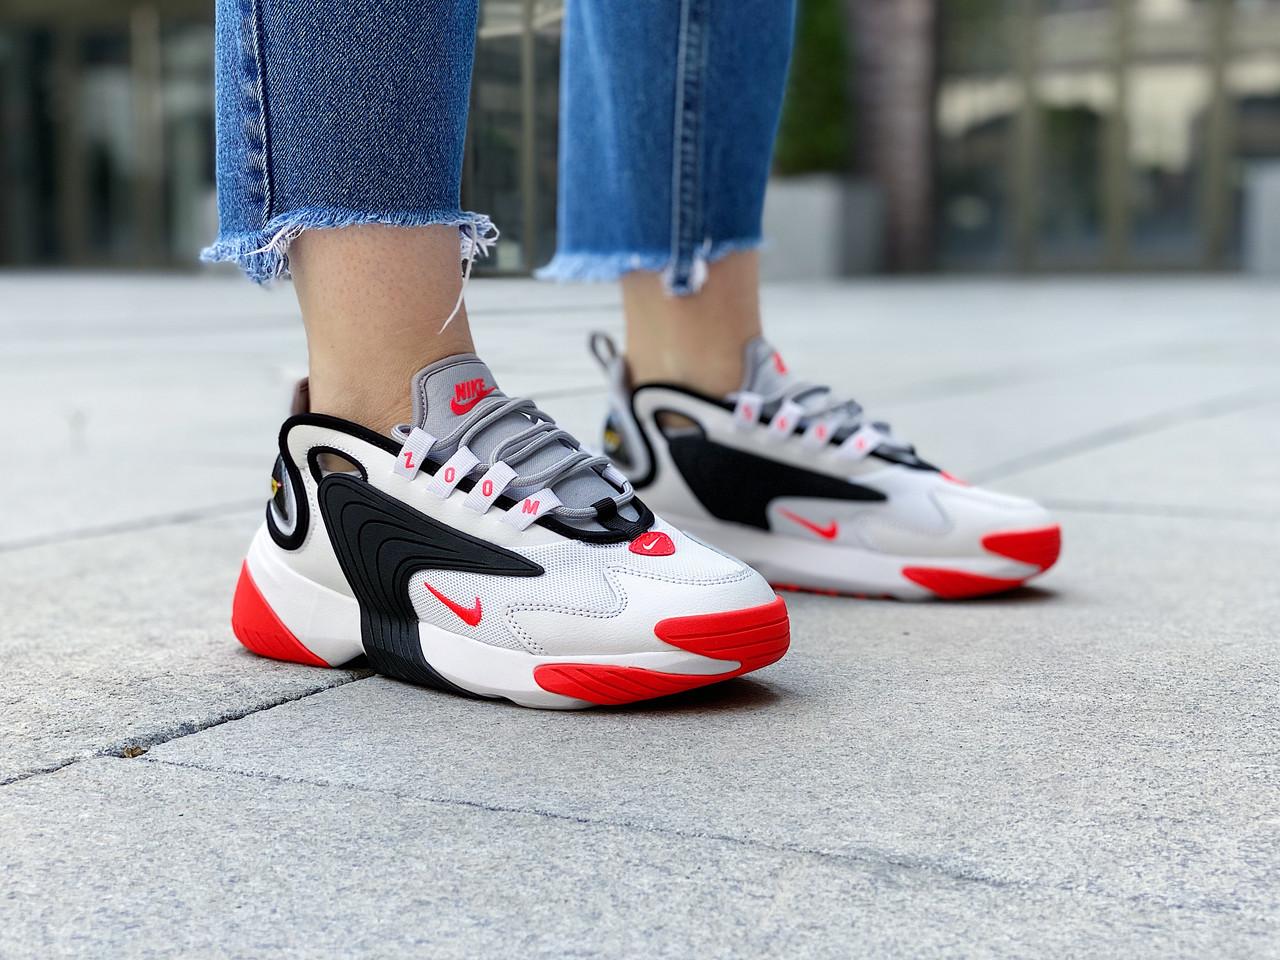 Кроссовки женские Nike Zoom 2K / AO0269-105 (Размеры:35,37)